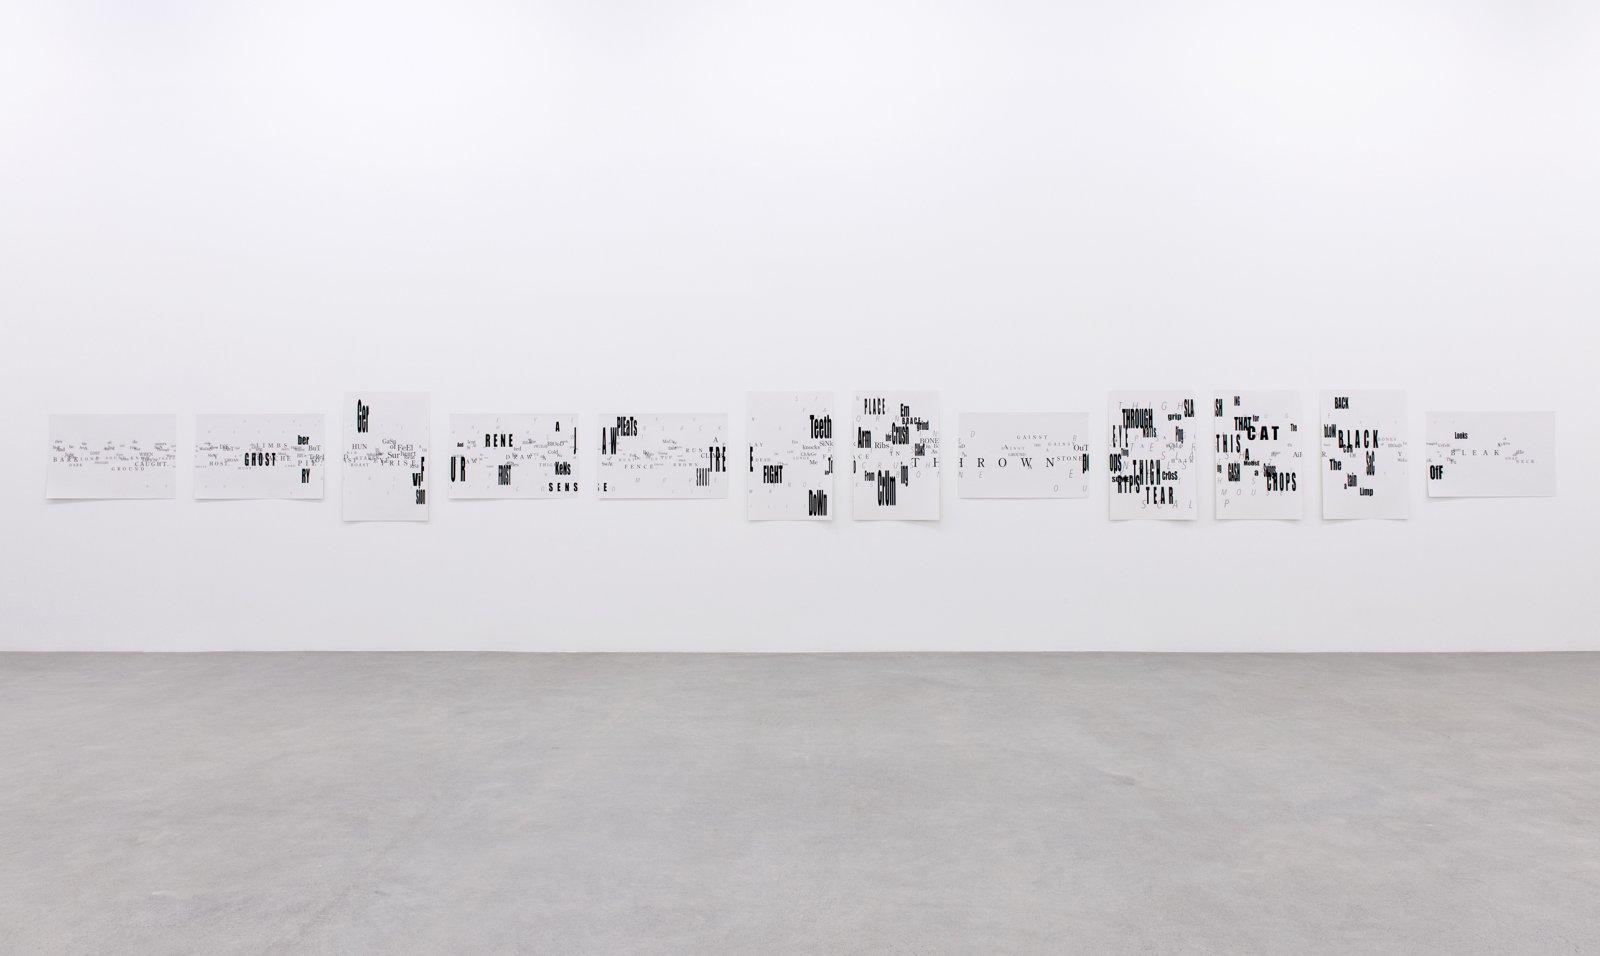 Janice Kerbel, Score, 'Bear', 2015, 12 silkscreen prints on paper, composition: 33 x 386 in. (84 x 981 cm), each sheet: 22 x 33 in. (56 x 84 cm)  by Janice Kerbel